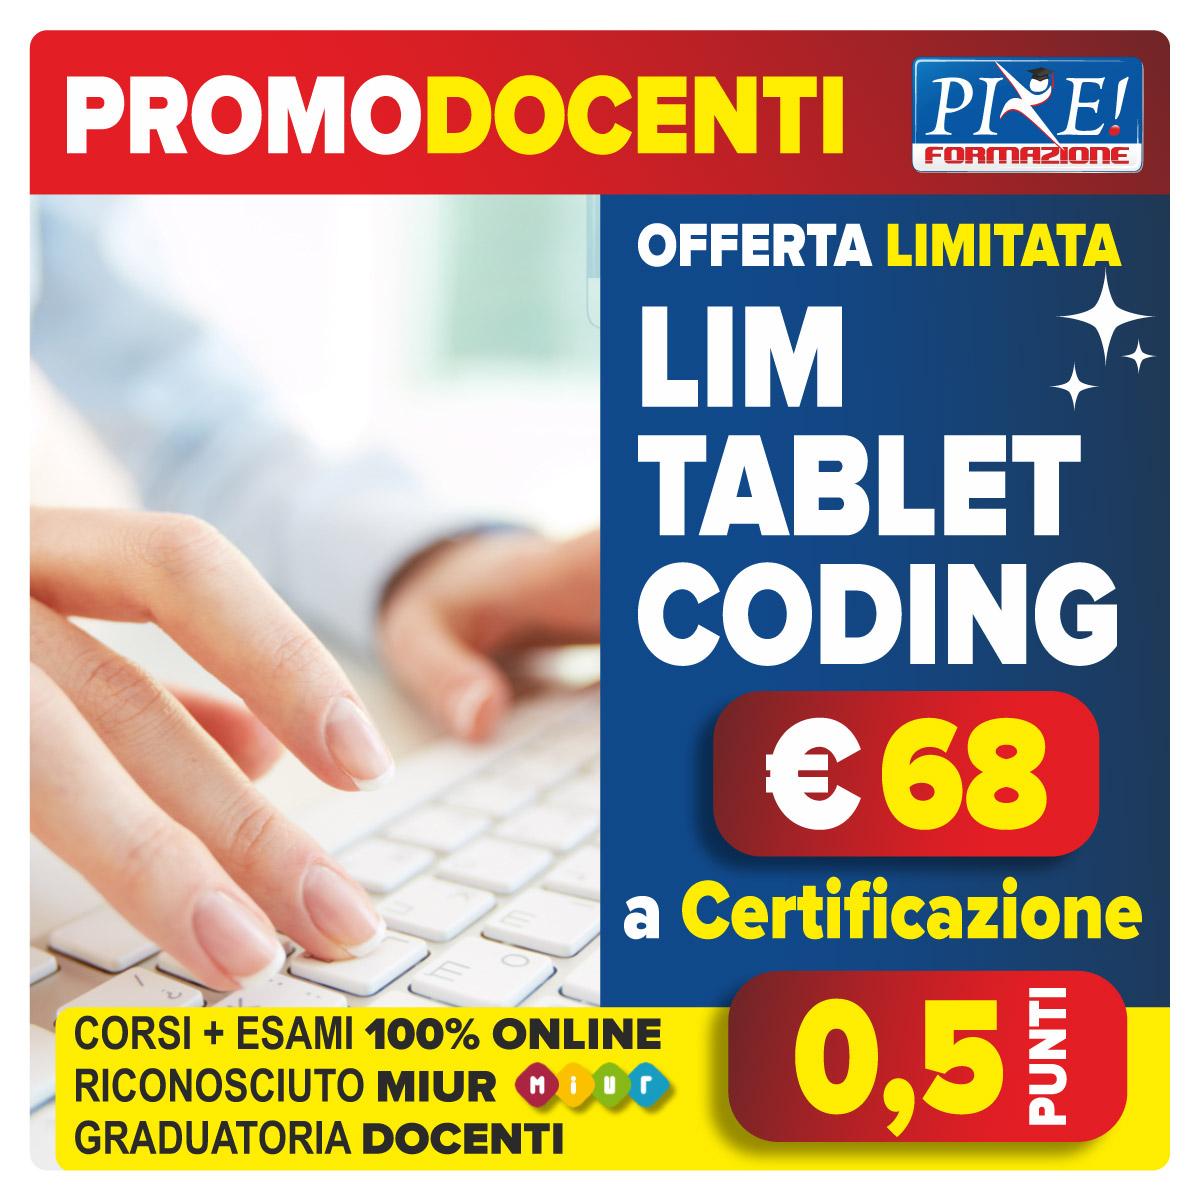 Acquista una certificazione a scelta, ti costa solo € 68 € e ottieni 0,5 punti per docenti